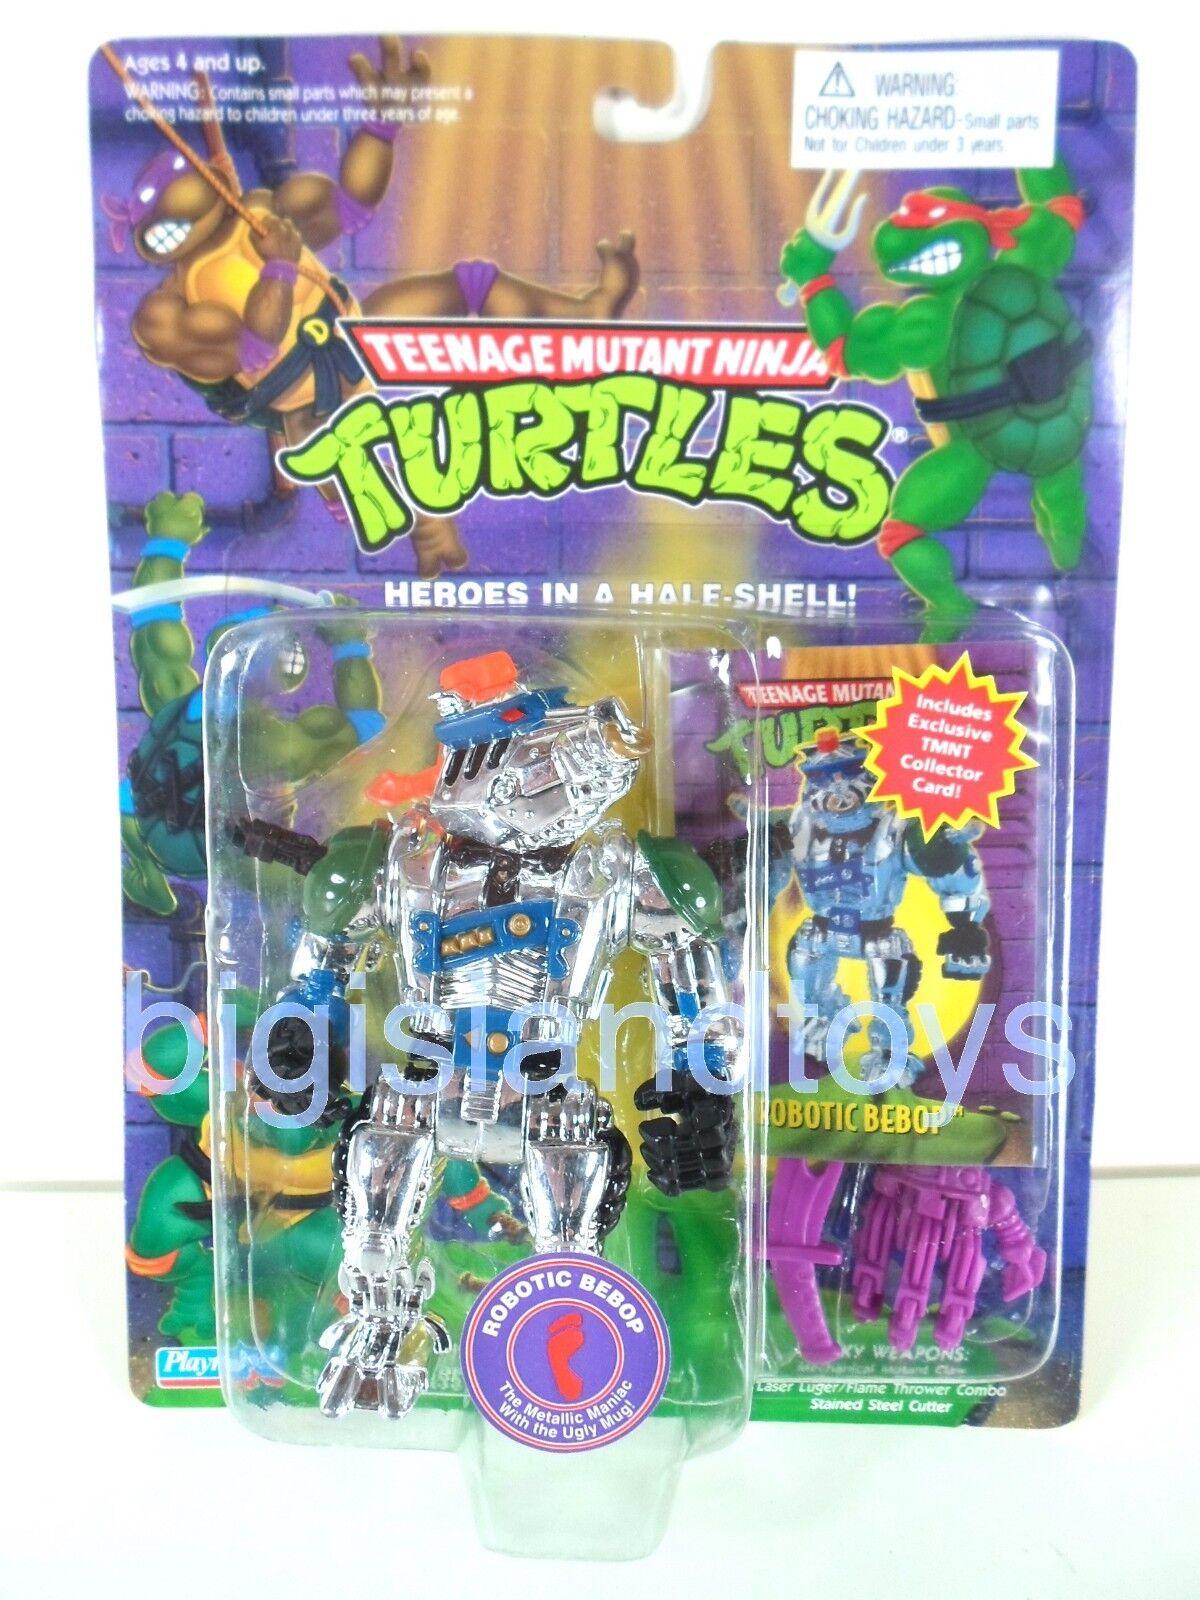 1994 Playmates Toys Teenage Mutant Ninja Turtles Robotic Bebop with Card Sealed